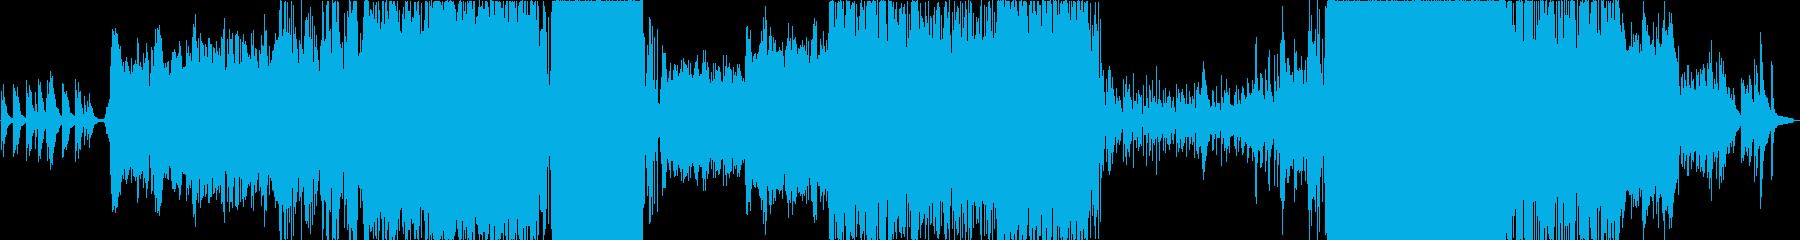 ピアノとコーラスを主体とした壮大な楽曲の再生済みの波形